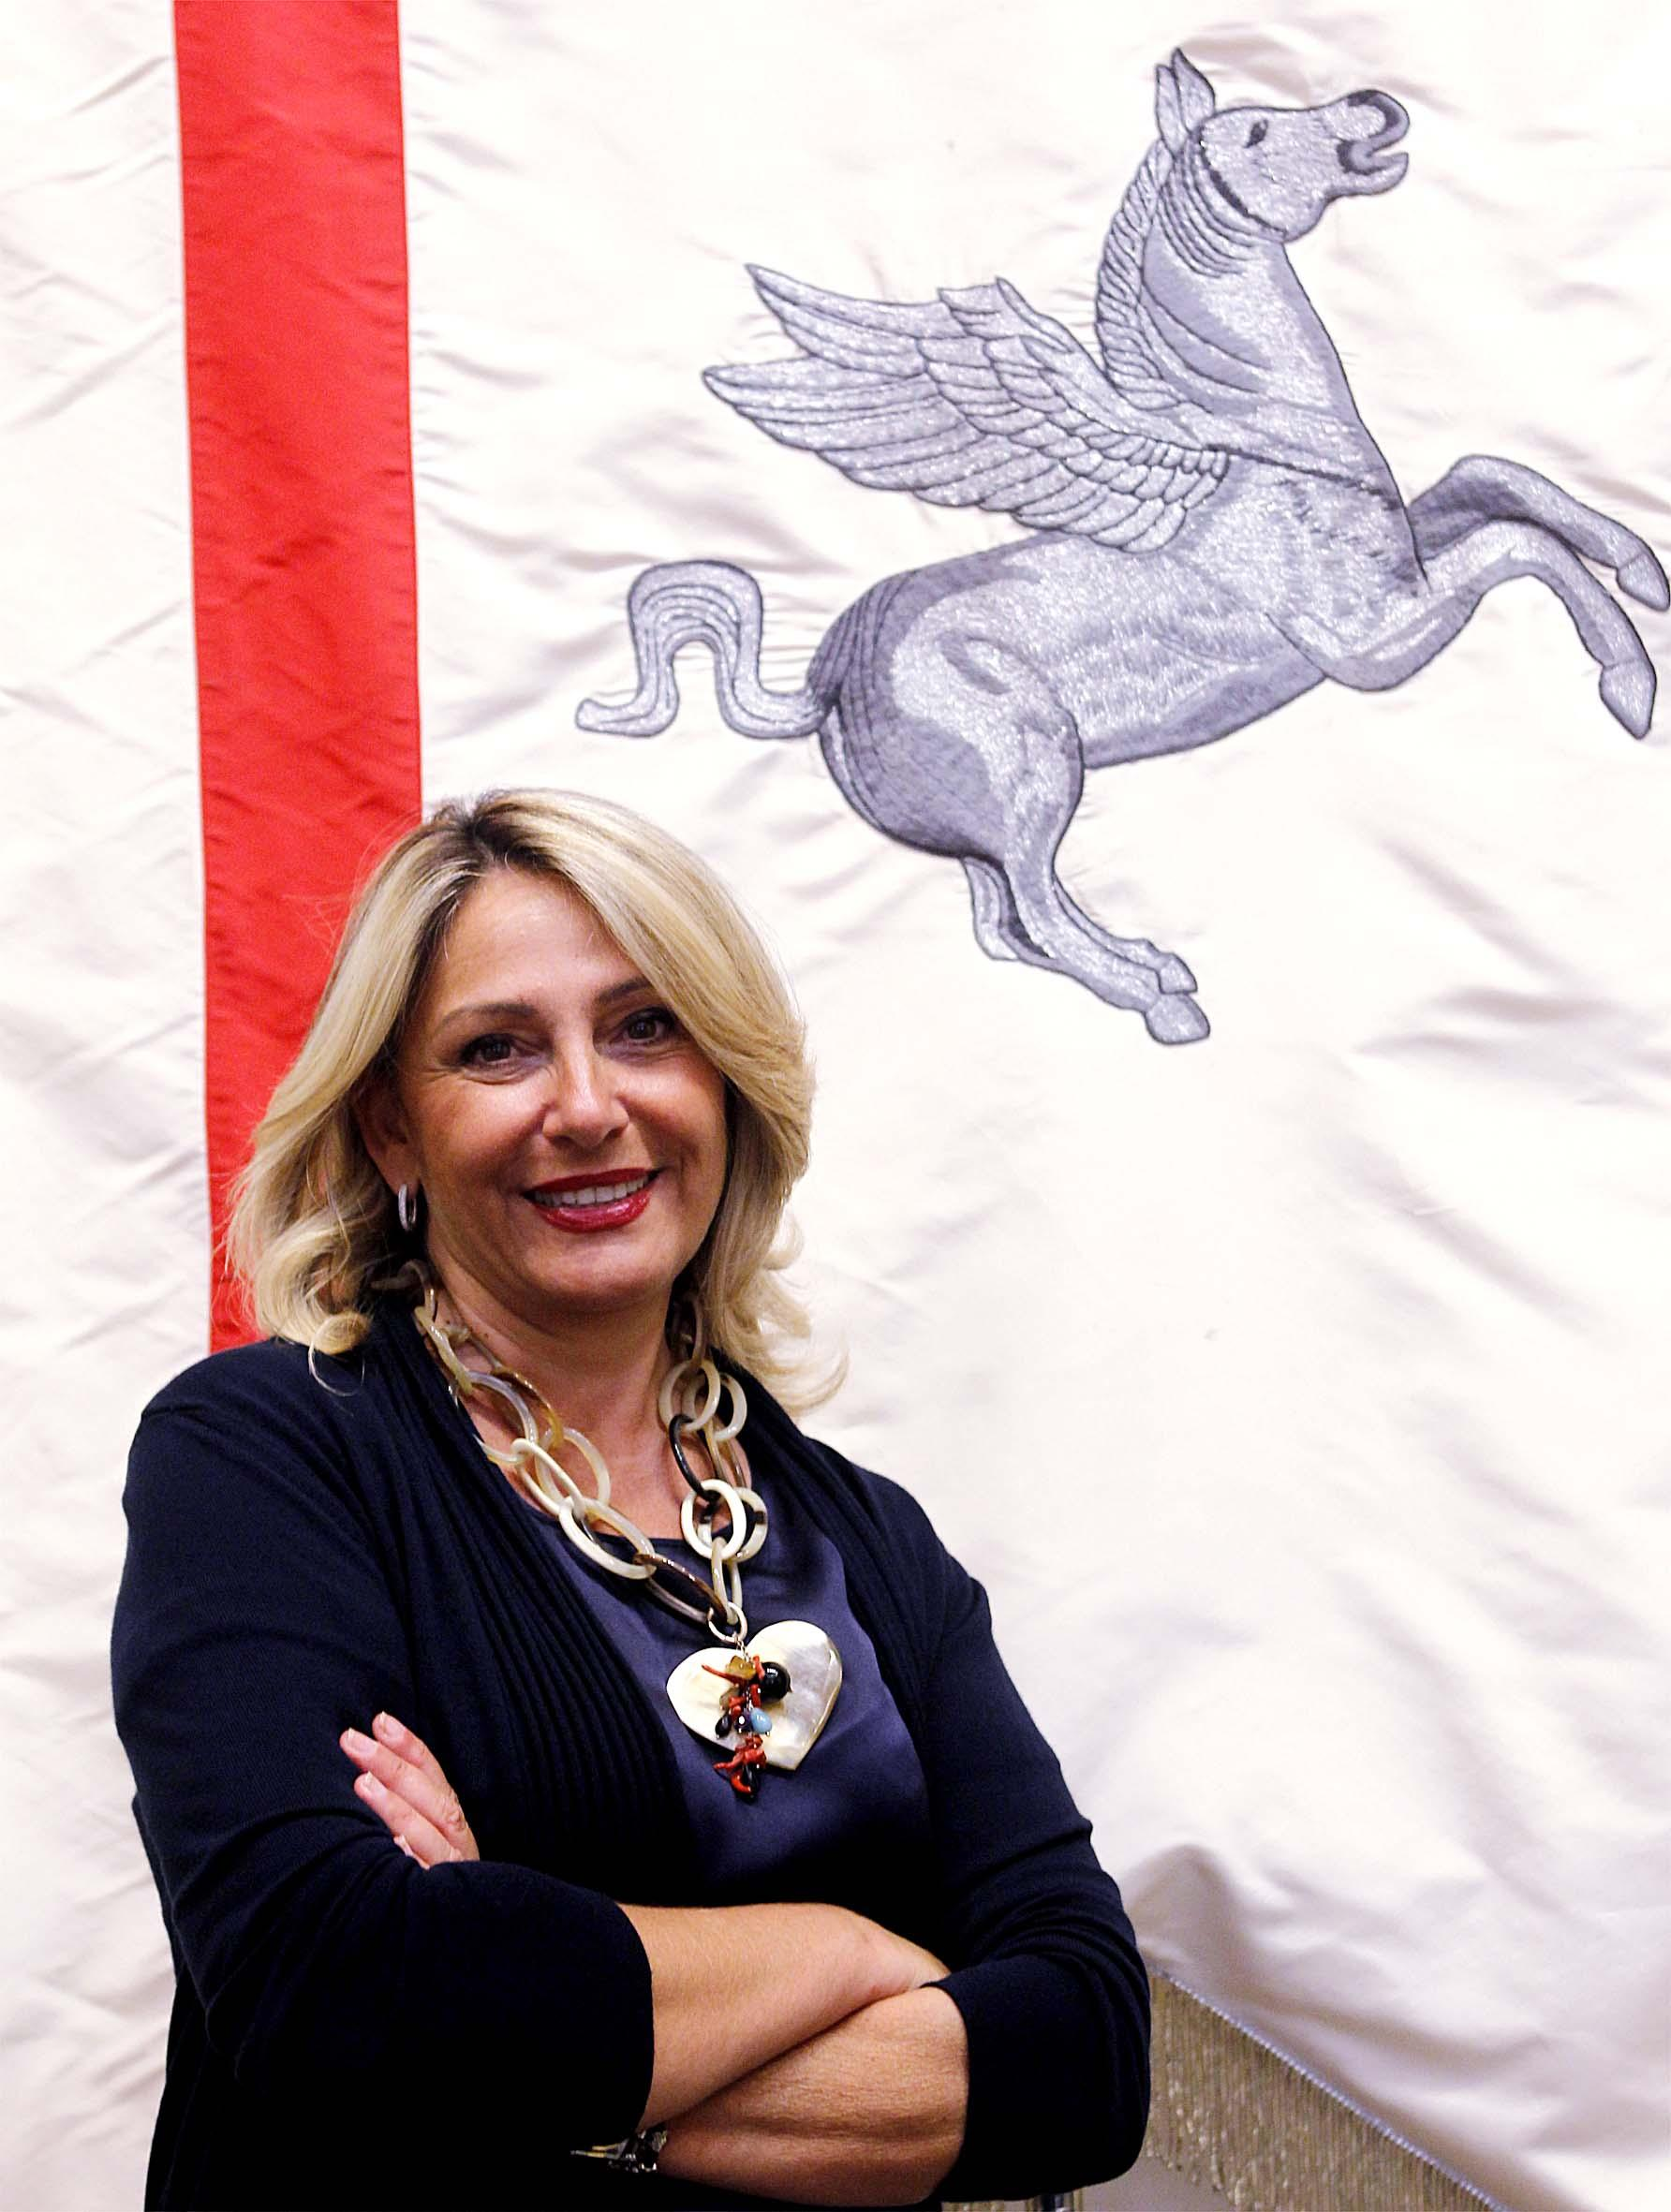 Cristina Grieco - Assessore all'istruzione e formazione Arezzo